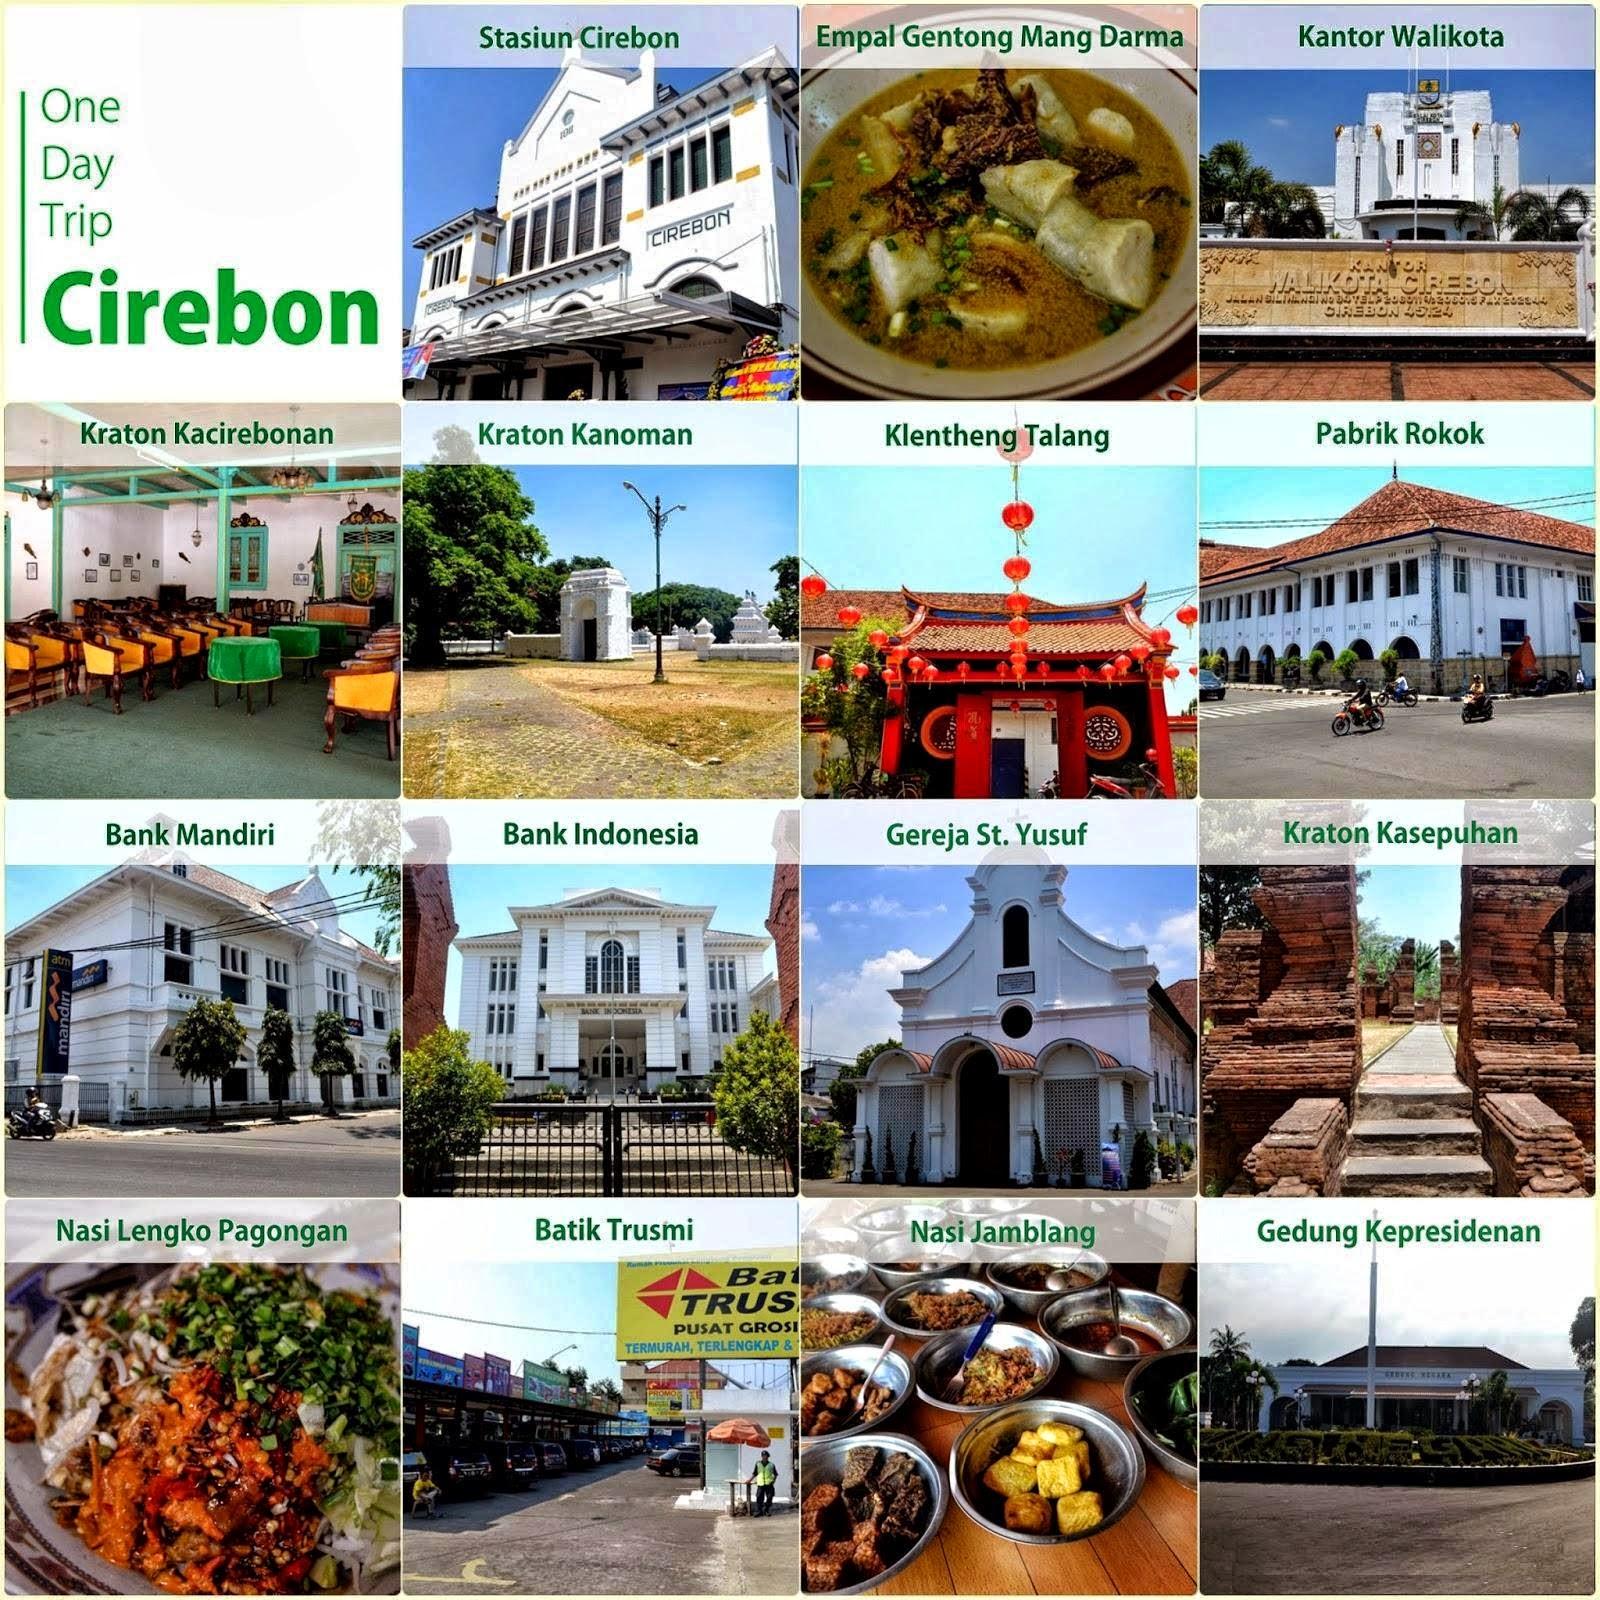 One Day Trip Cirebon